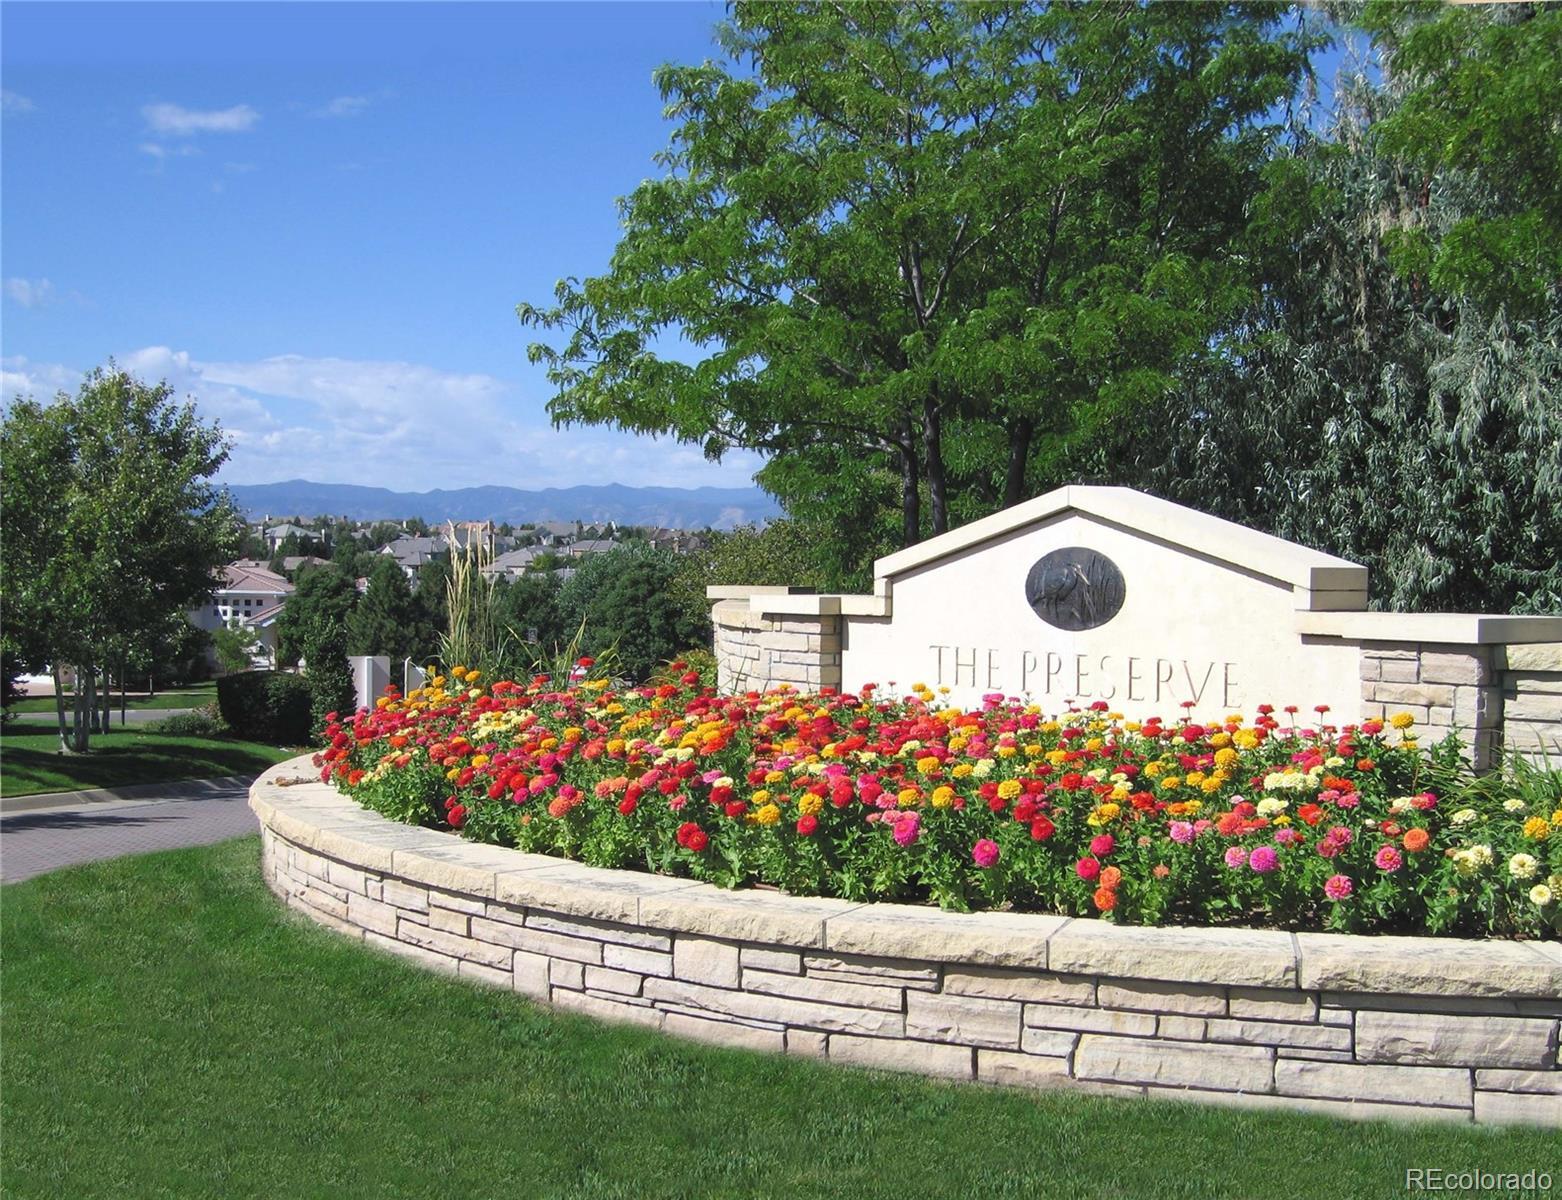 4091 E Chestnut Court, Greenwood Village, CO 80121 - Greenwood Village, CO real estate listing